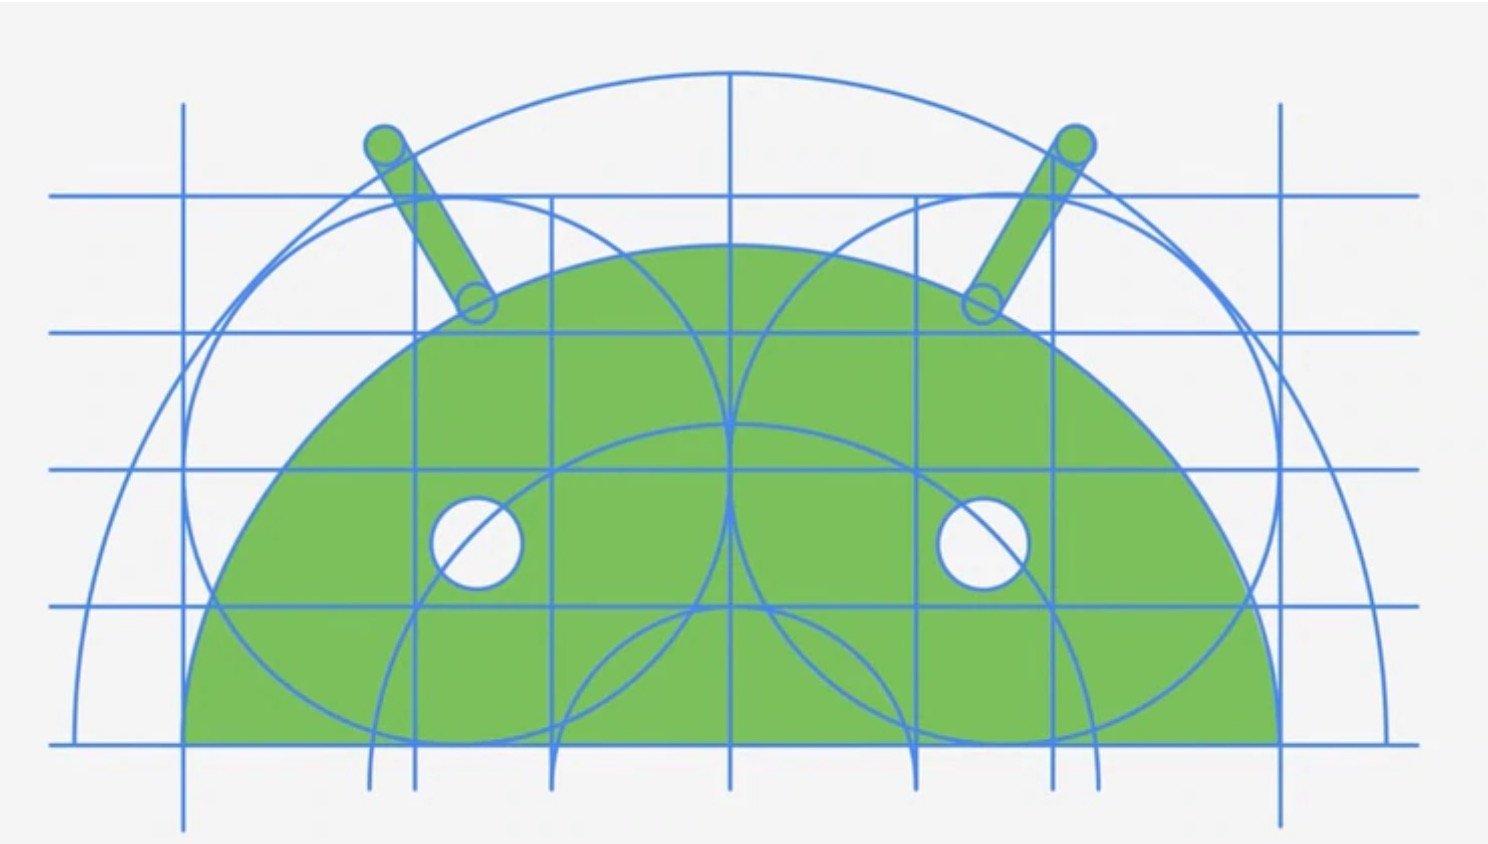 Lanzaron el sistema operativo Android 10 1